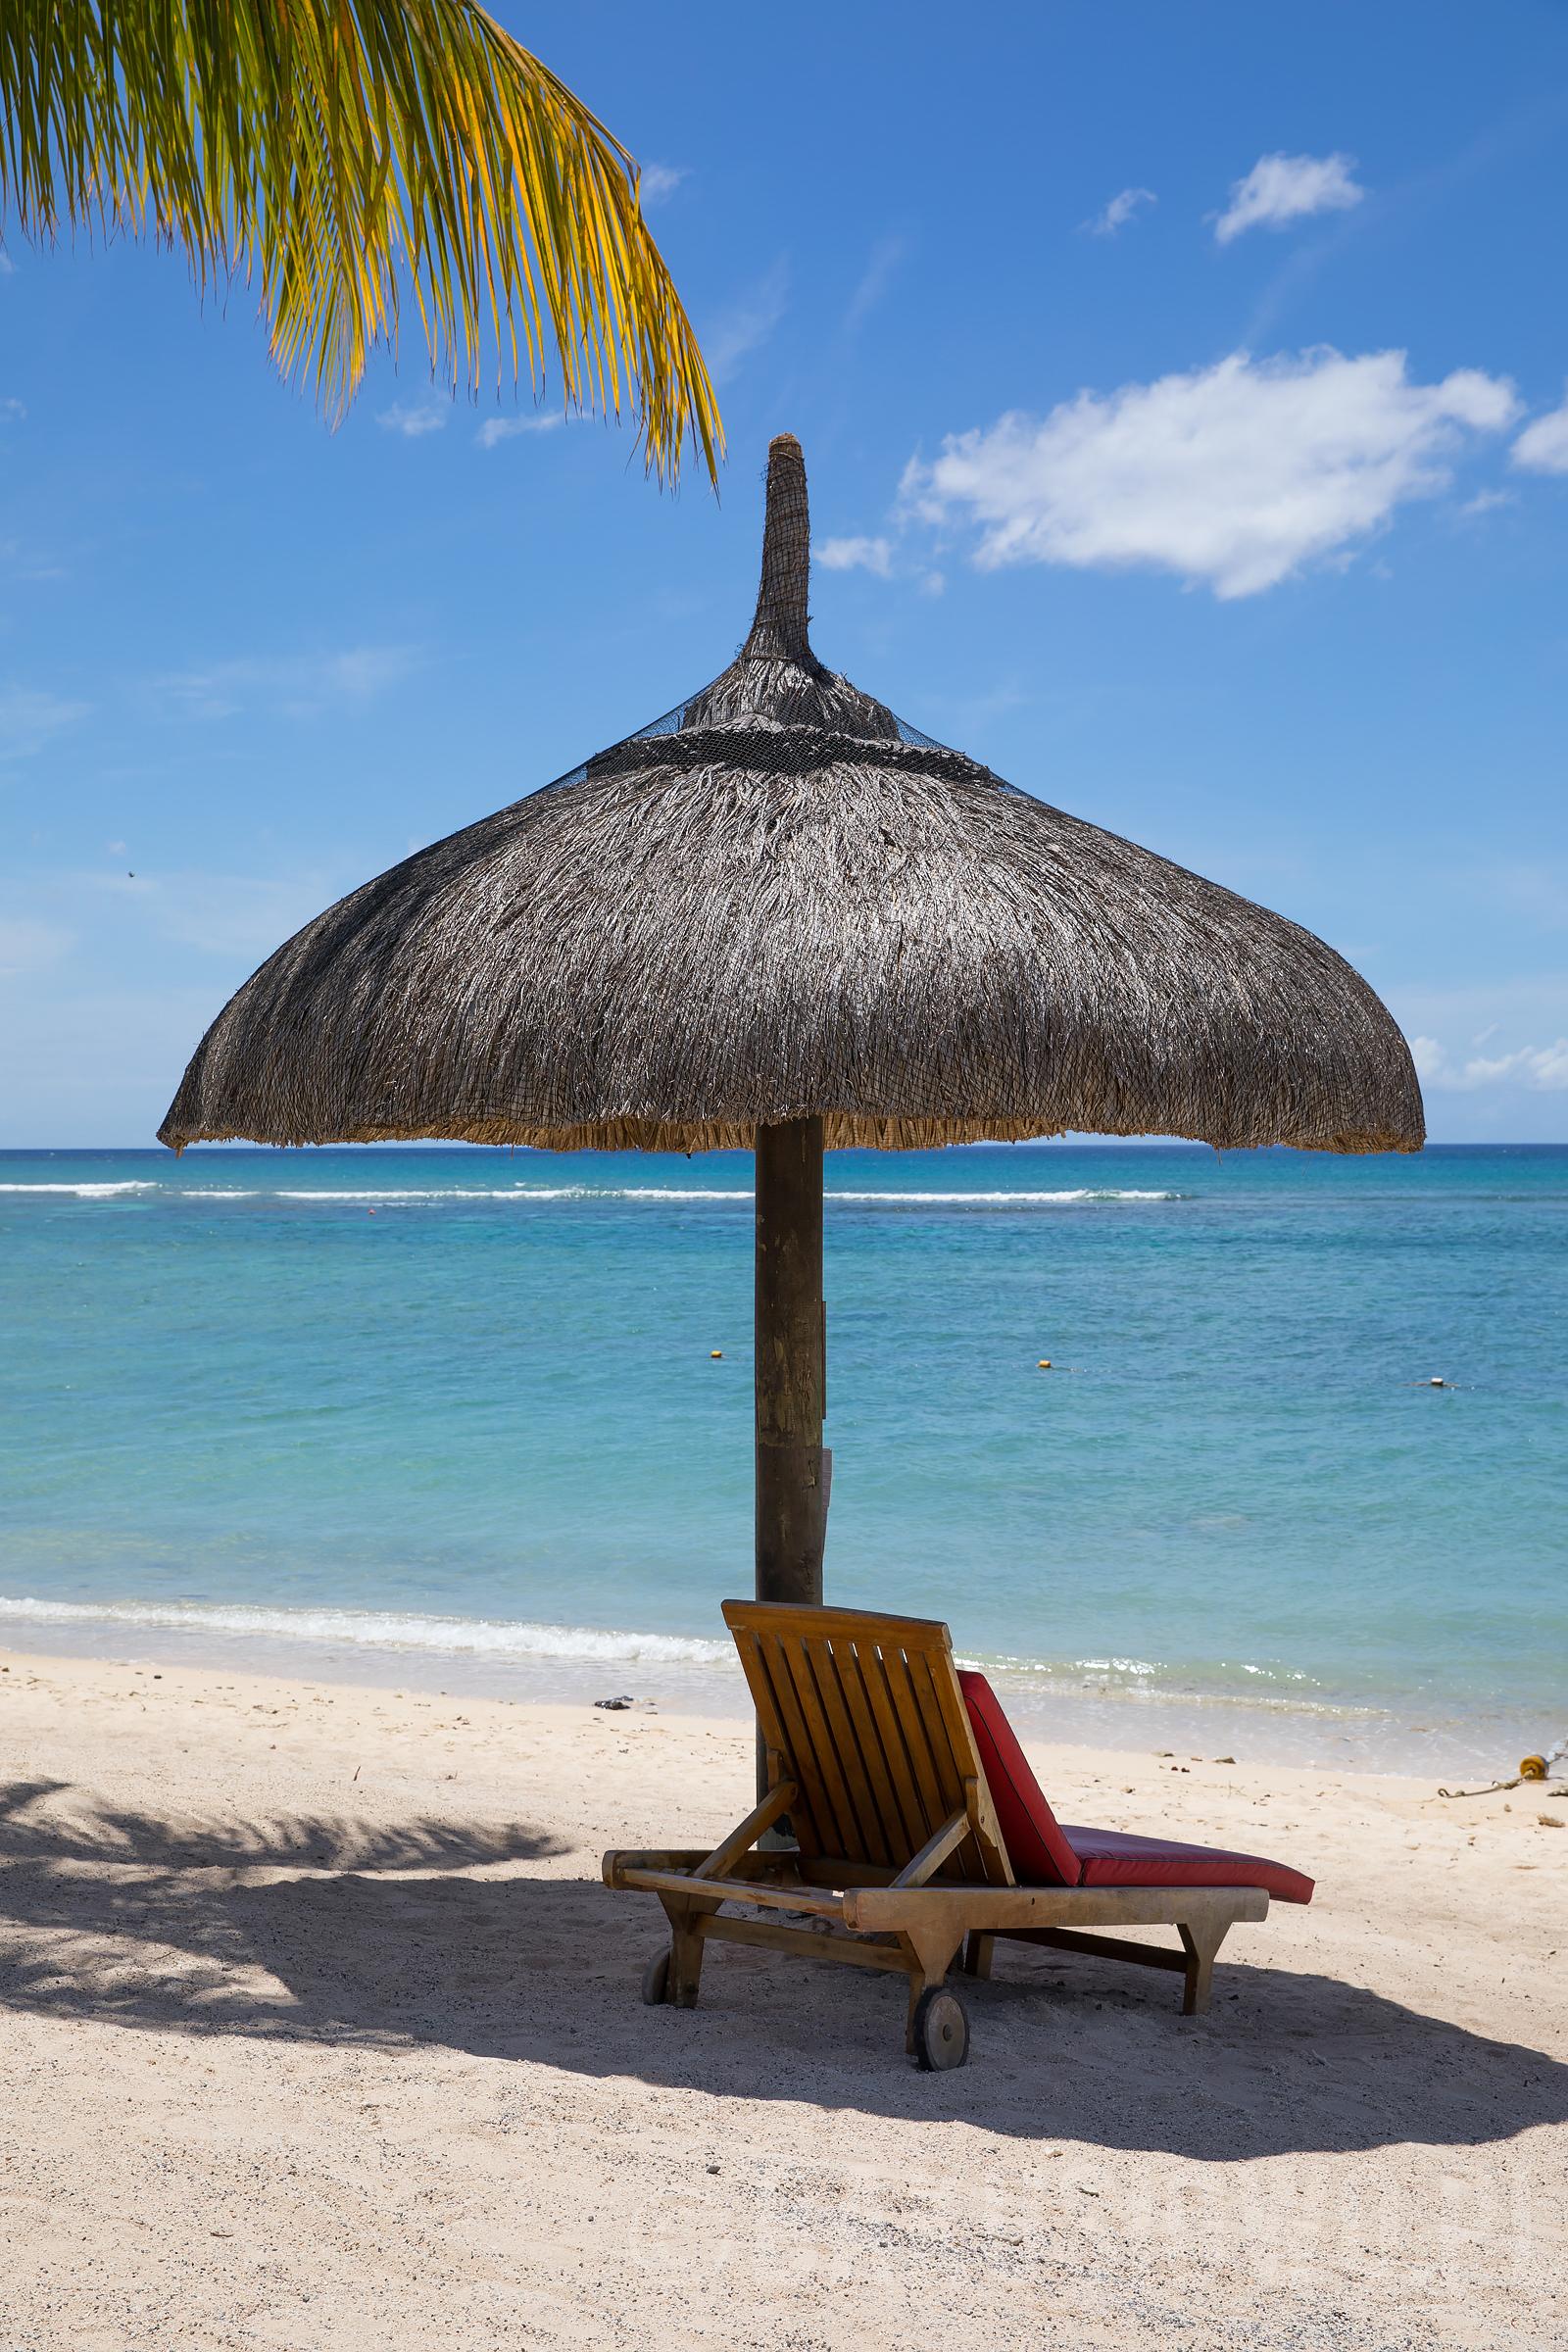 mauritius-le-meridien-photos-51